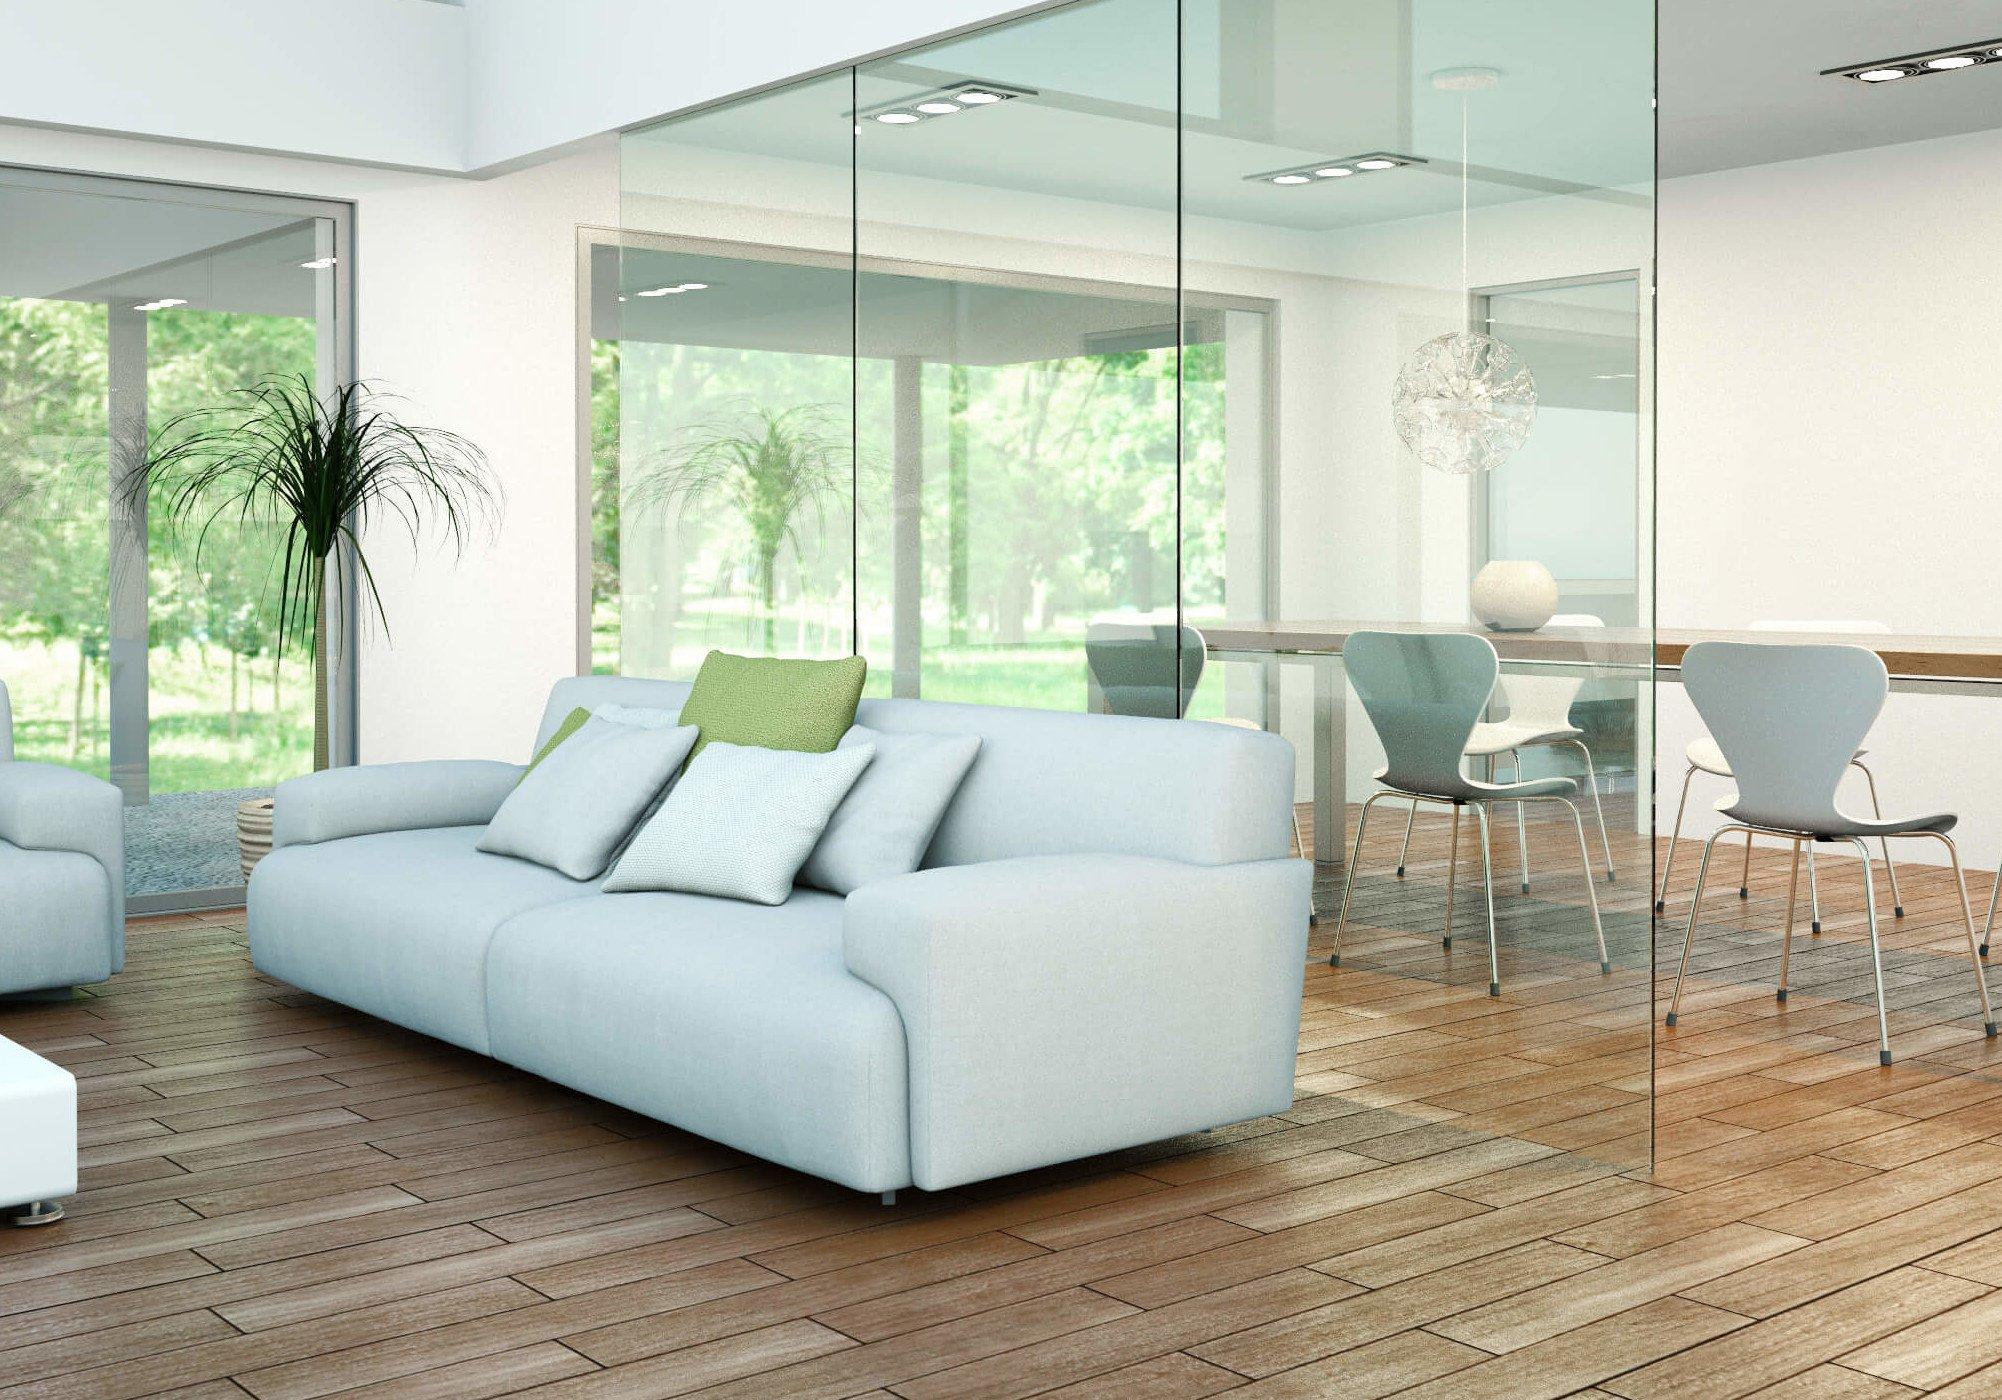 glastrennwand-als-raumteiler-aus-glas-